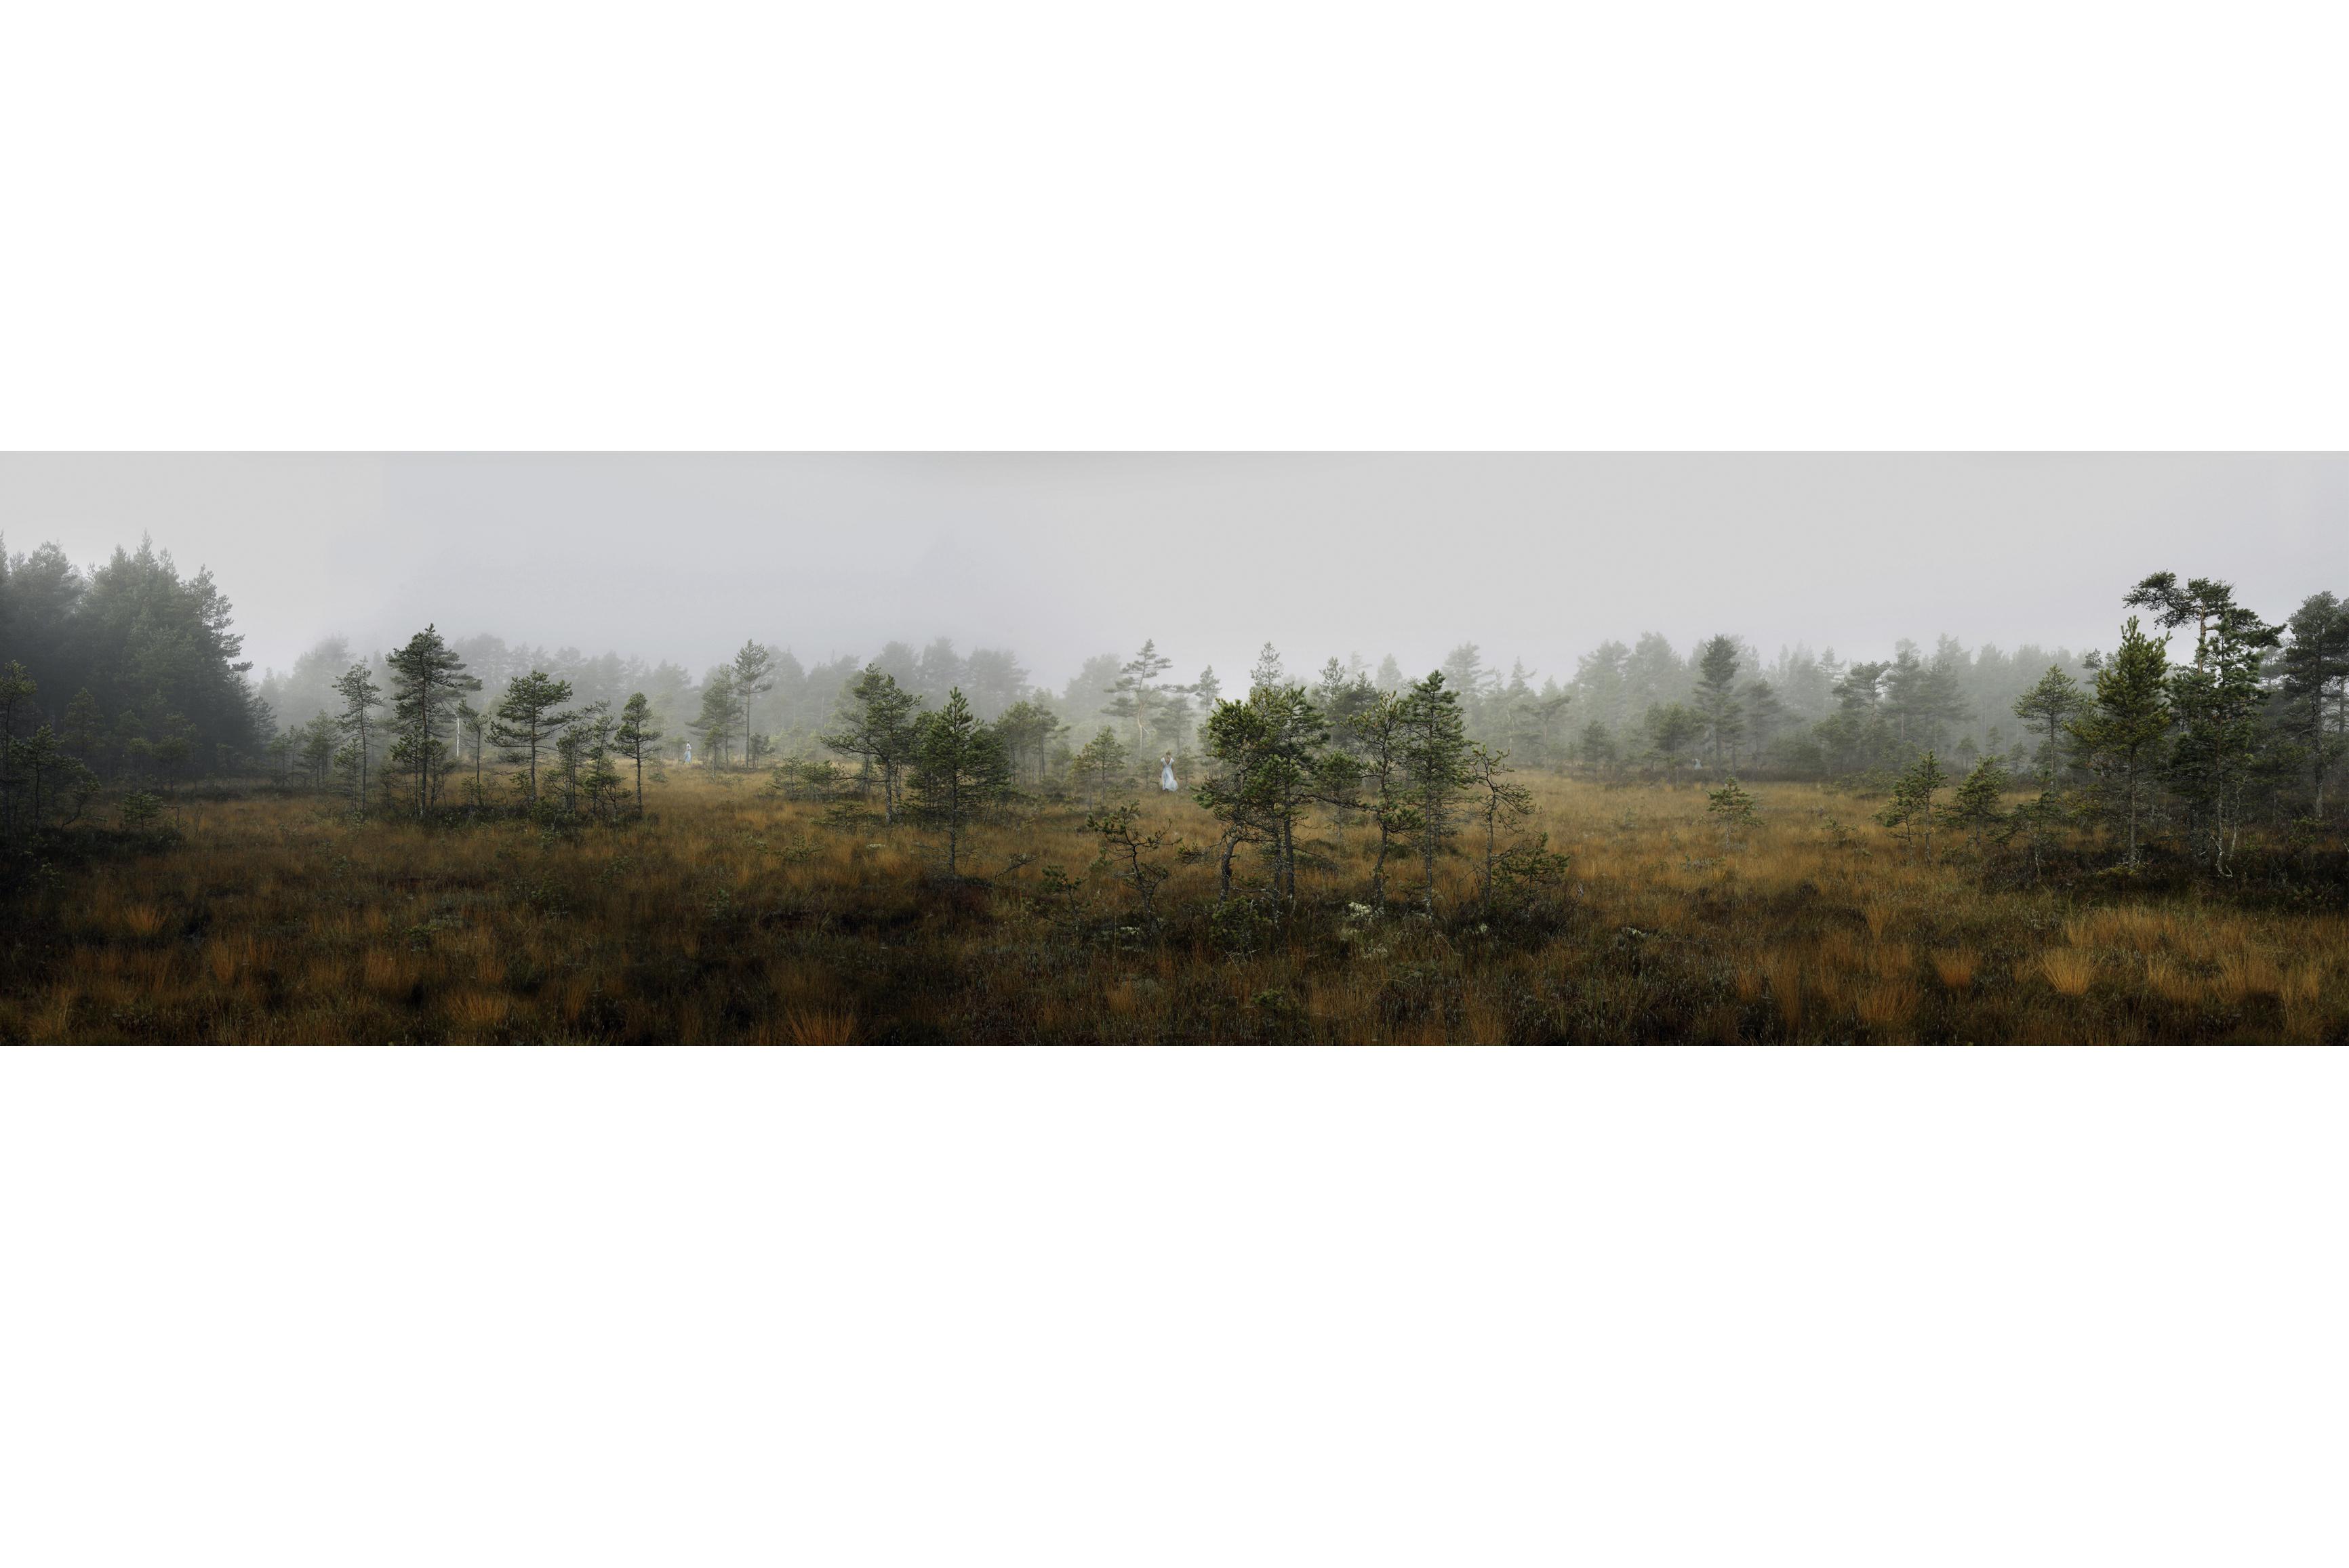 Ann Eringstam - In search of wonderland 8